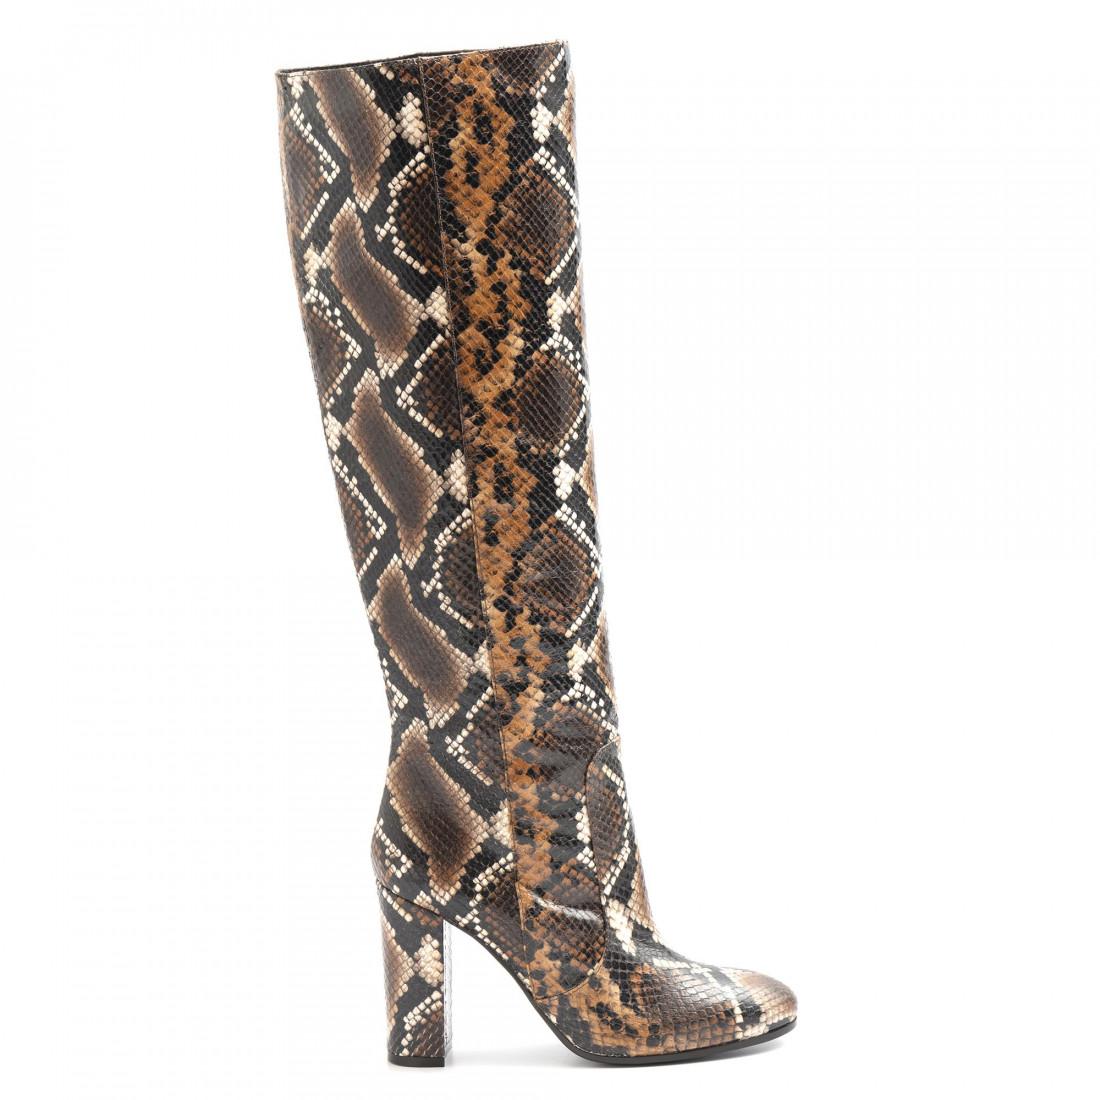 boots woman via roma 15 2620anaconda 6129